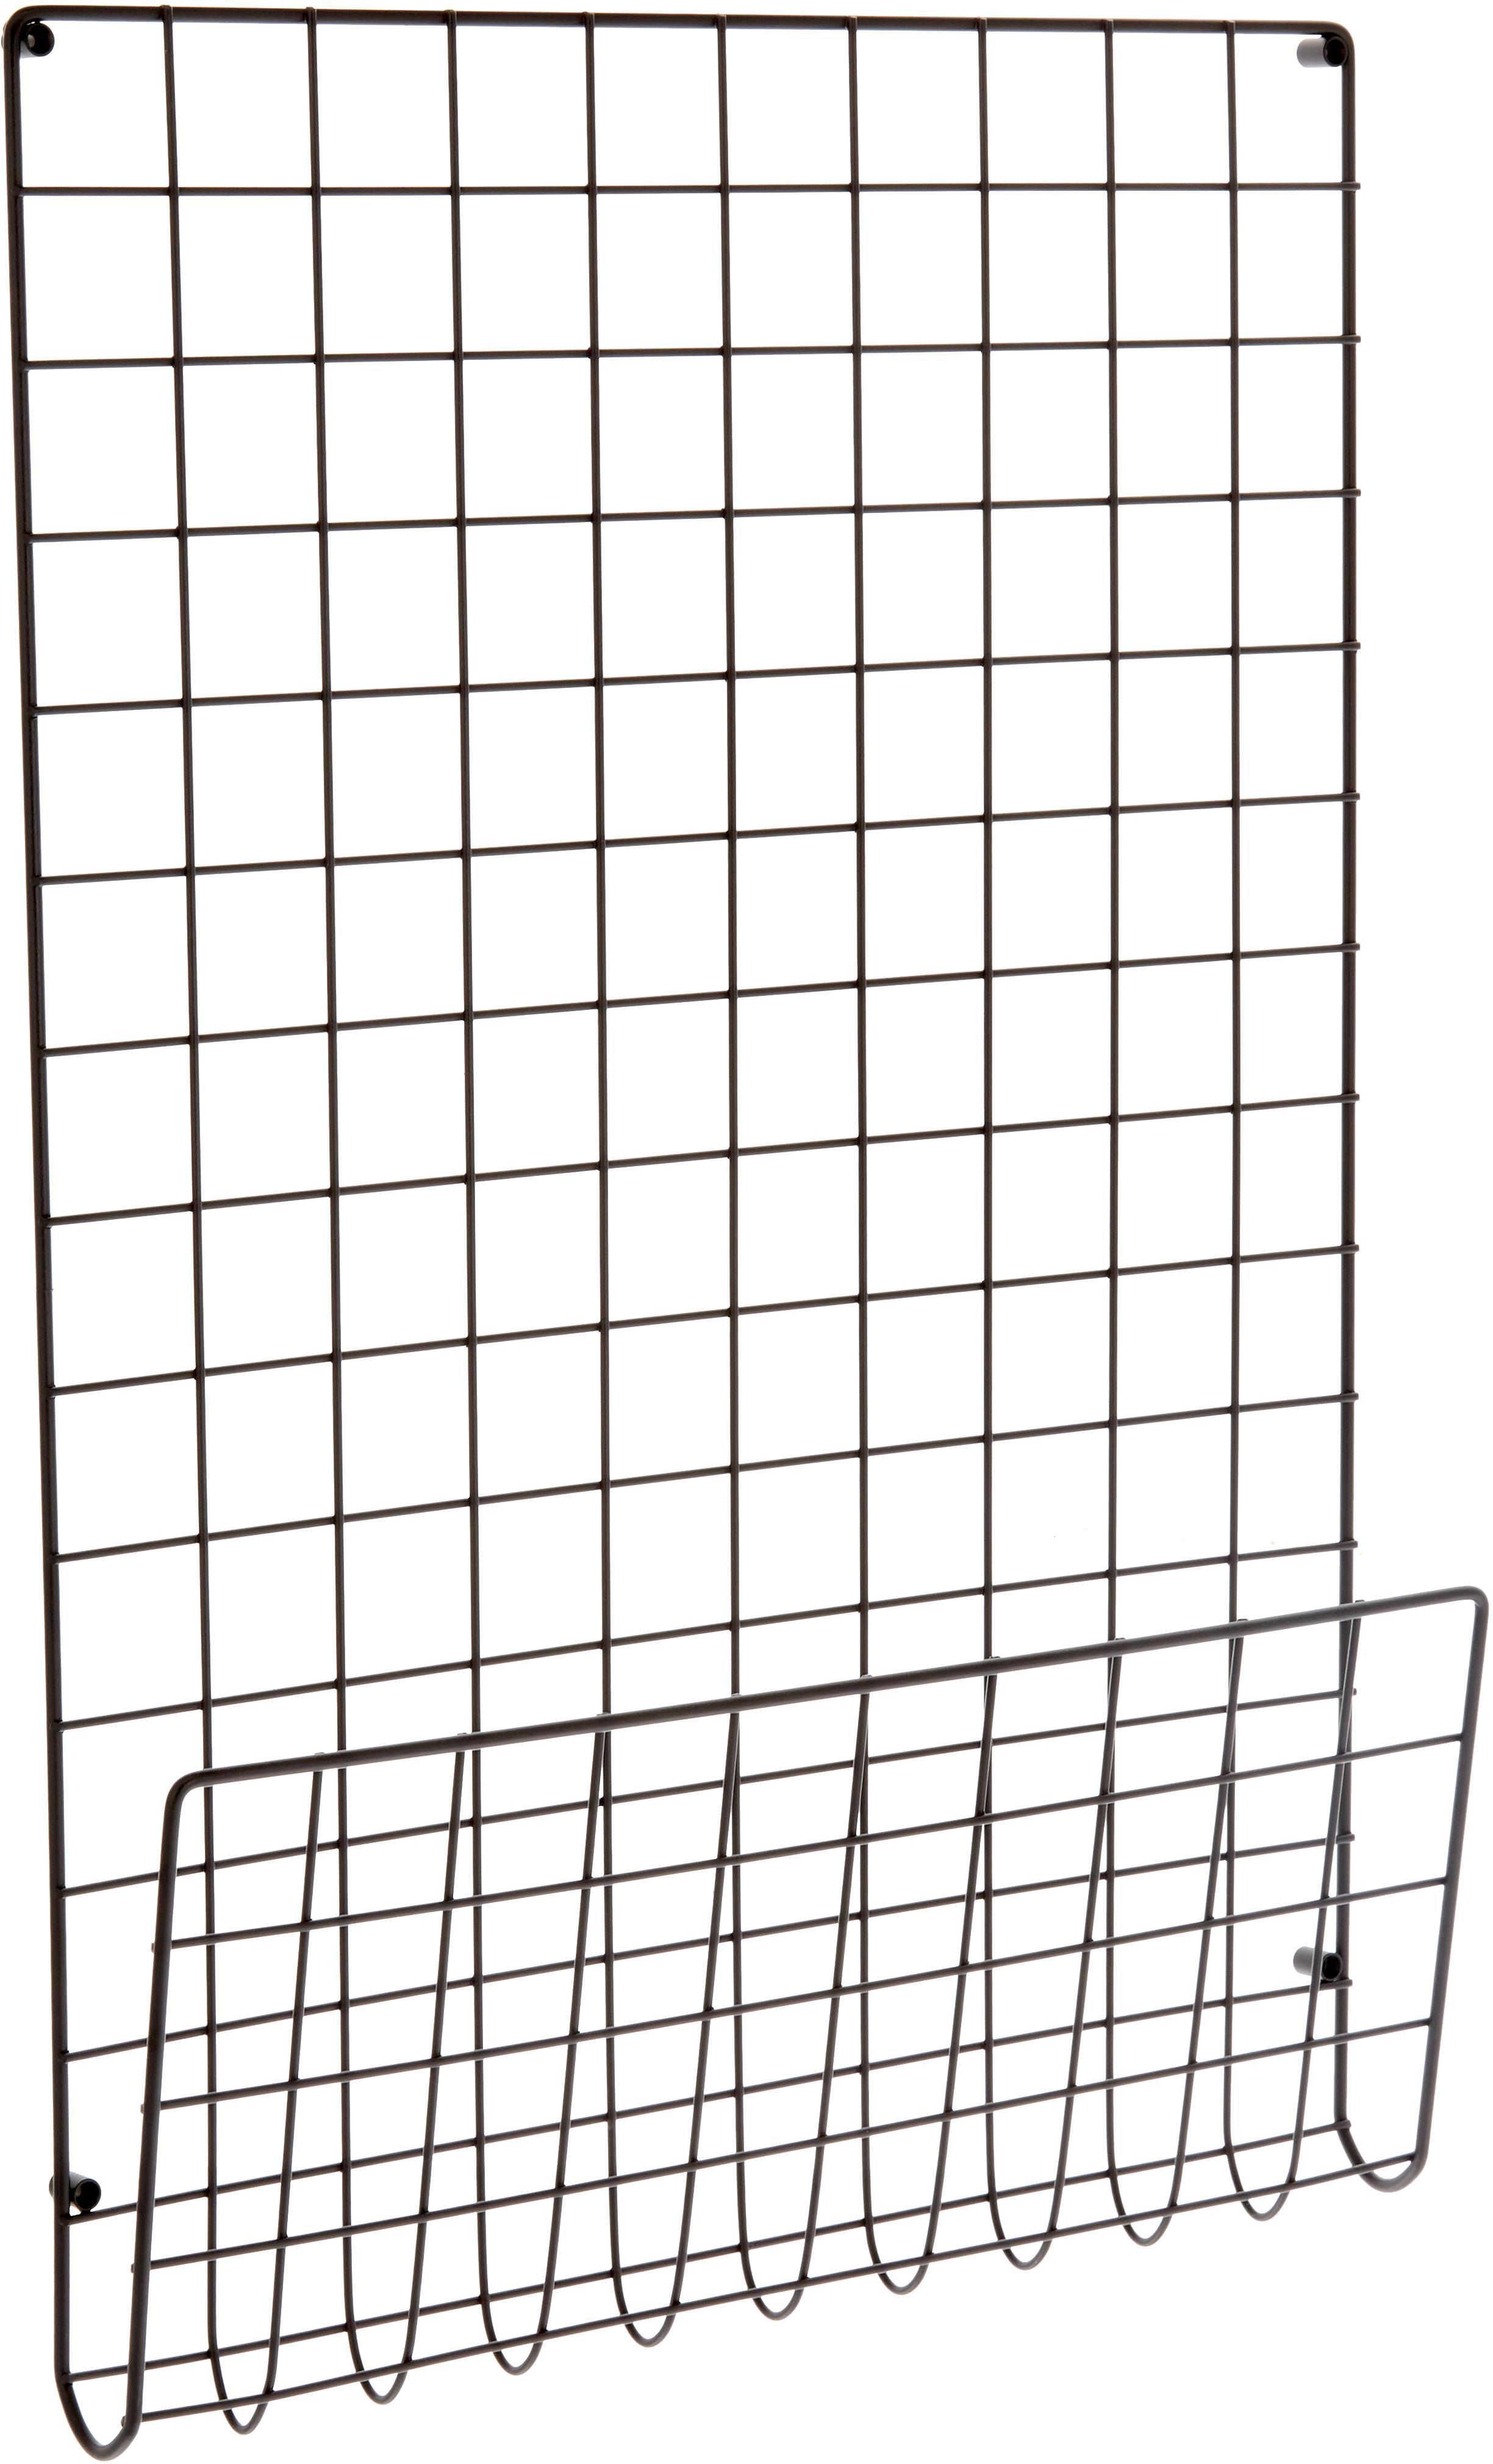 Bacheca a griglia Mesh, Acciaio verniciato, Nero, Larg. 51 x Alt. 72 cm